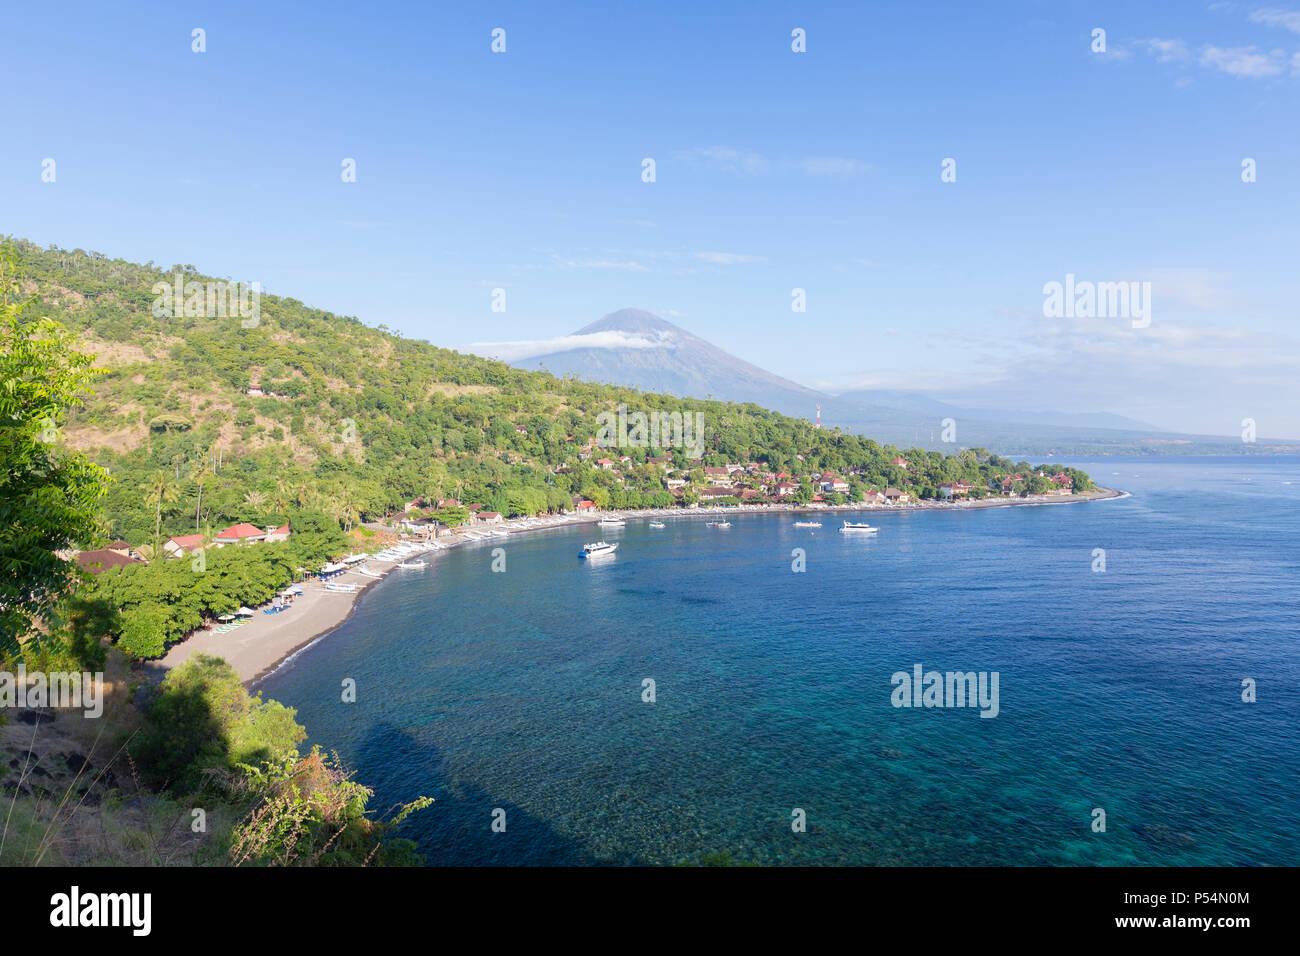 Plage d'Amed avec le volcan Agung en arrière-plan, Bali, Indonésie Photo Stock